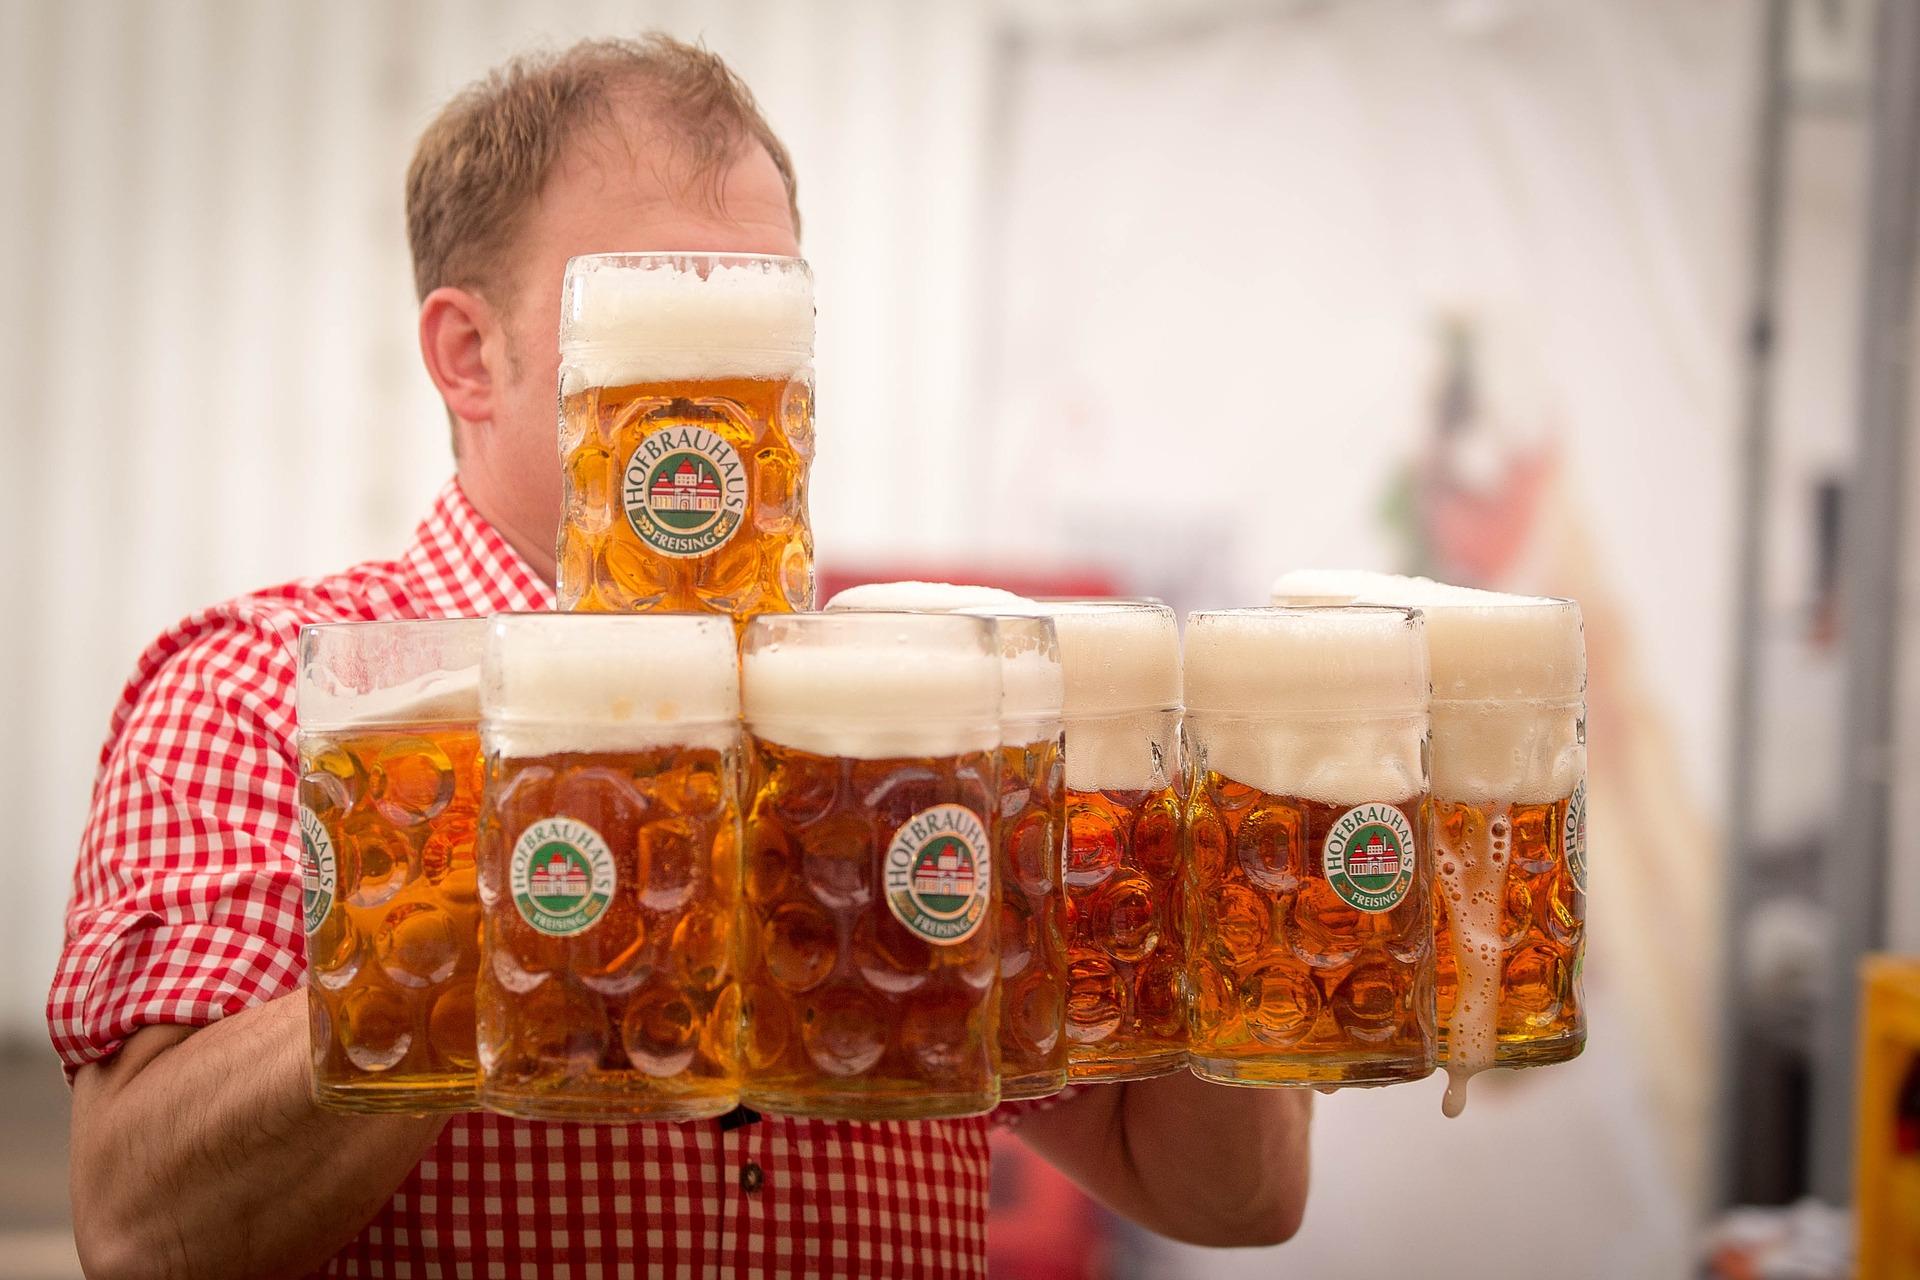 Les 5 étapes essentielles pour déguster une bière